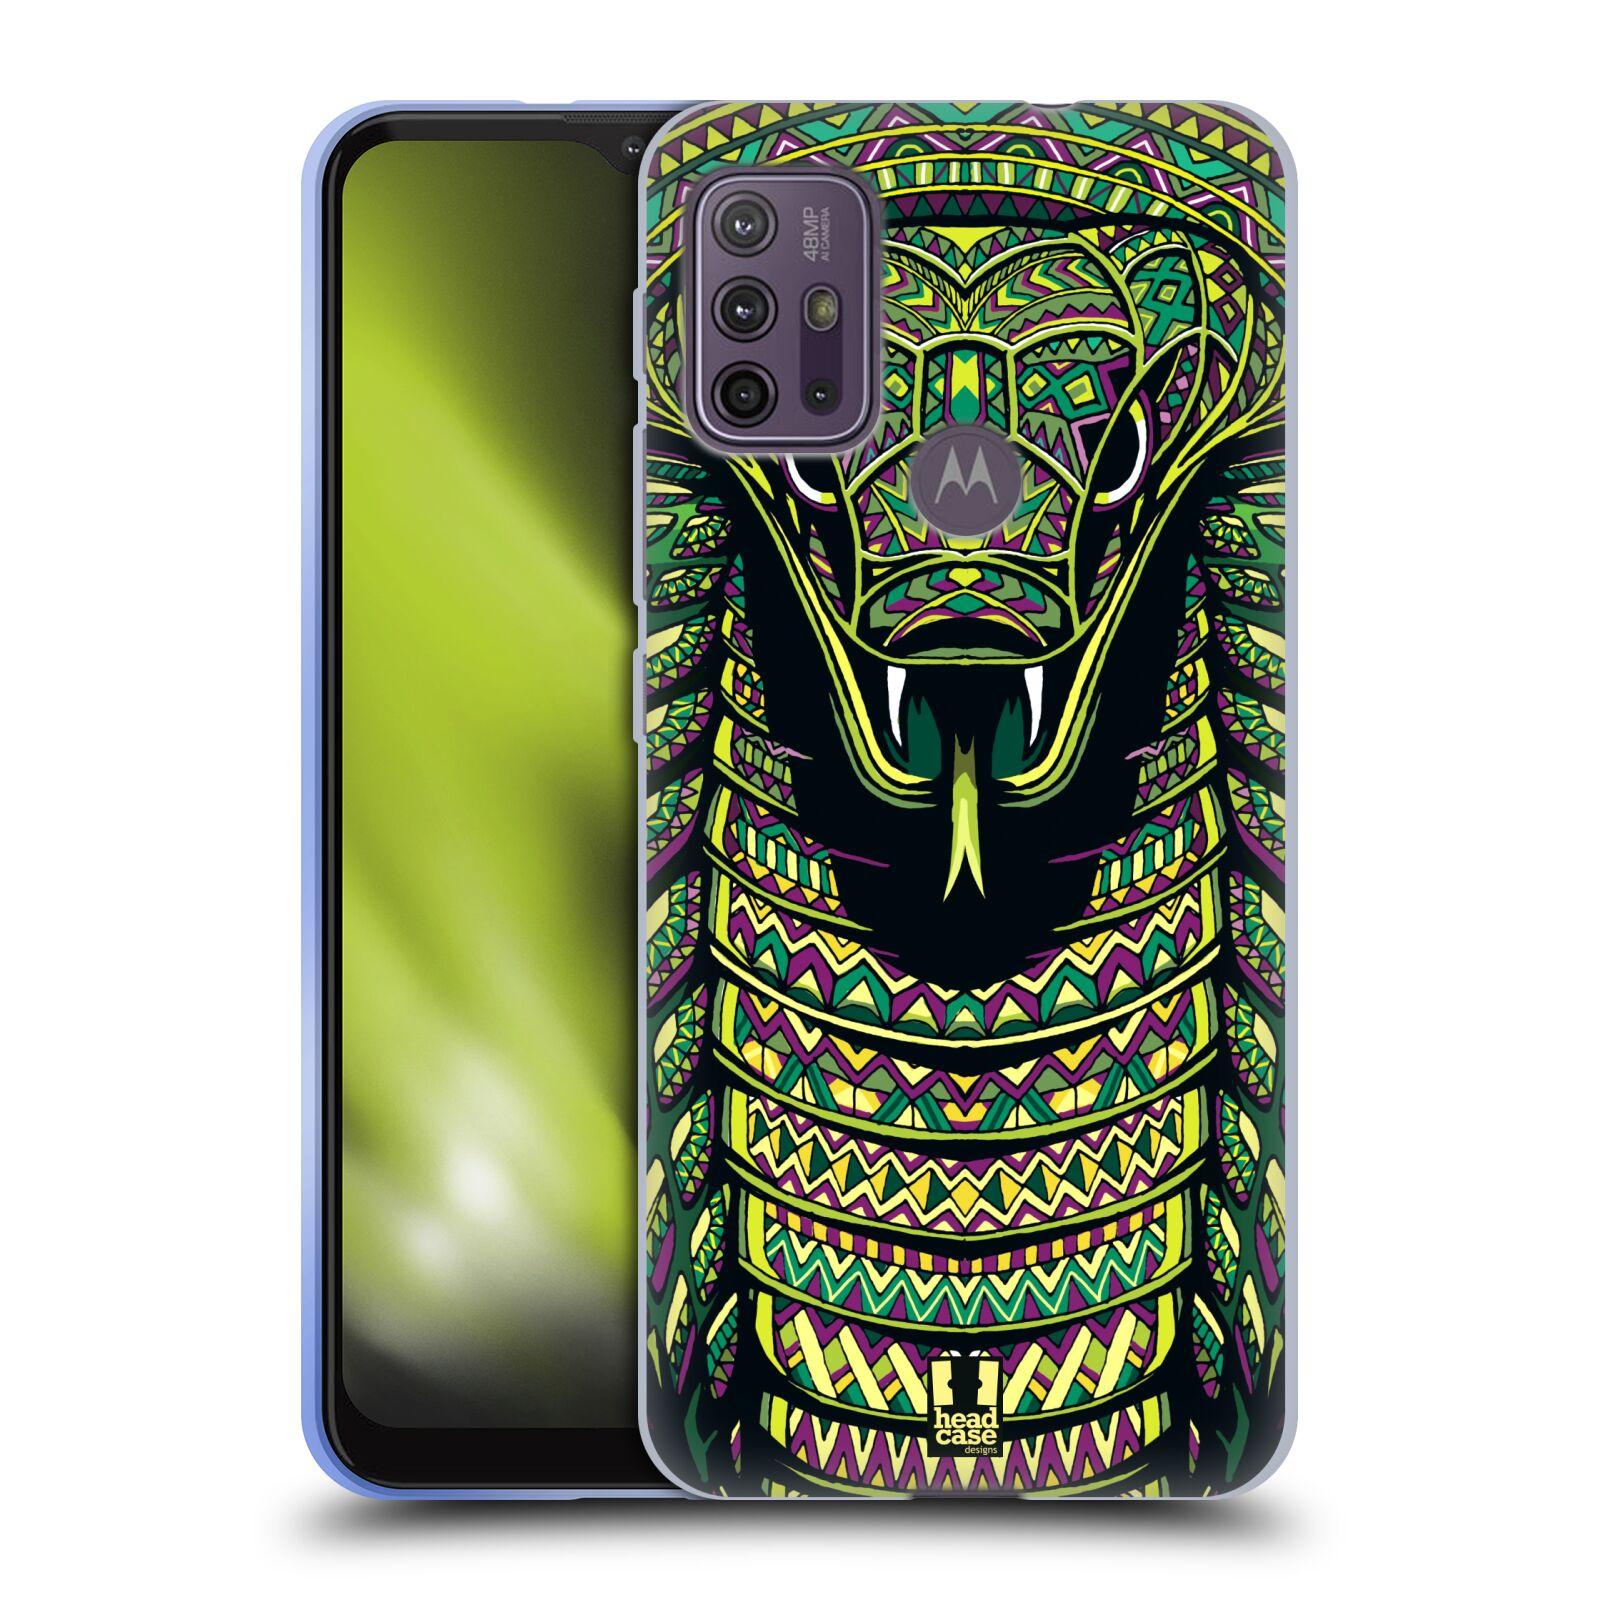 Silikonové pouzdro na mobil Motorola Moto G10 / G30 - Head Case - AZTEC HAD